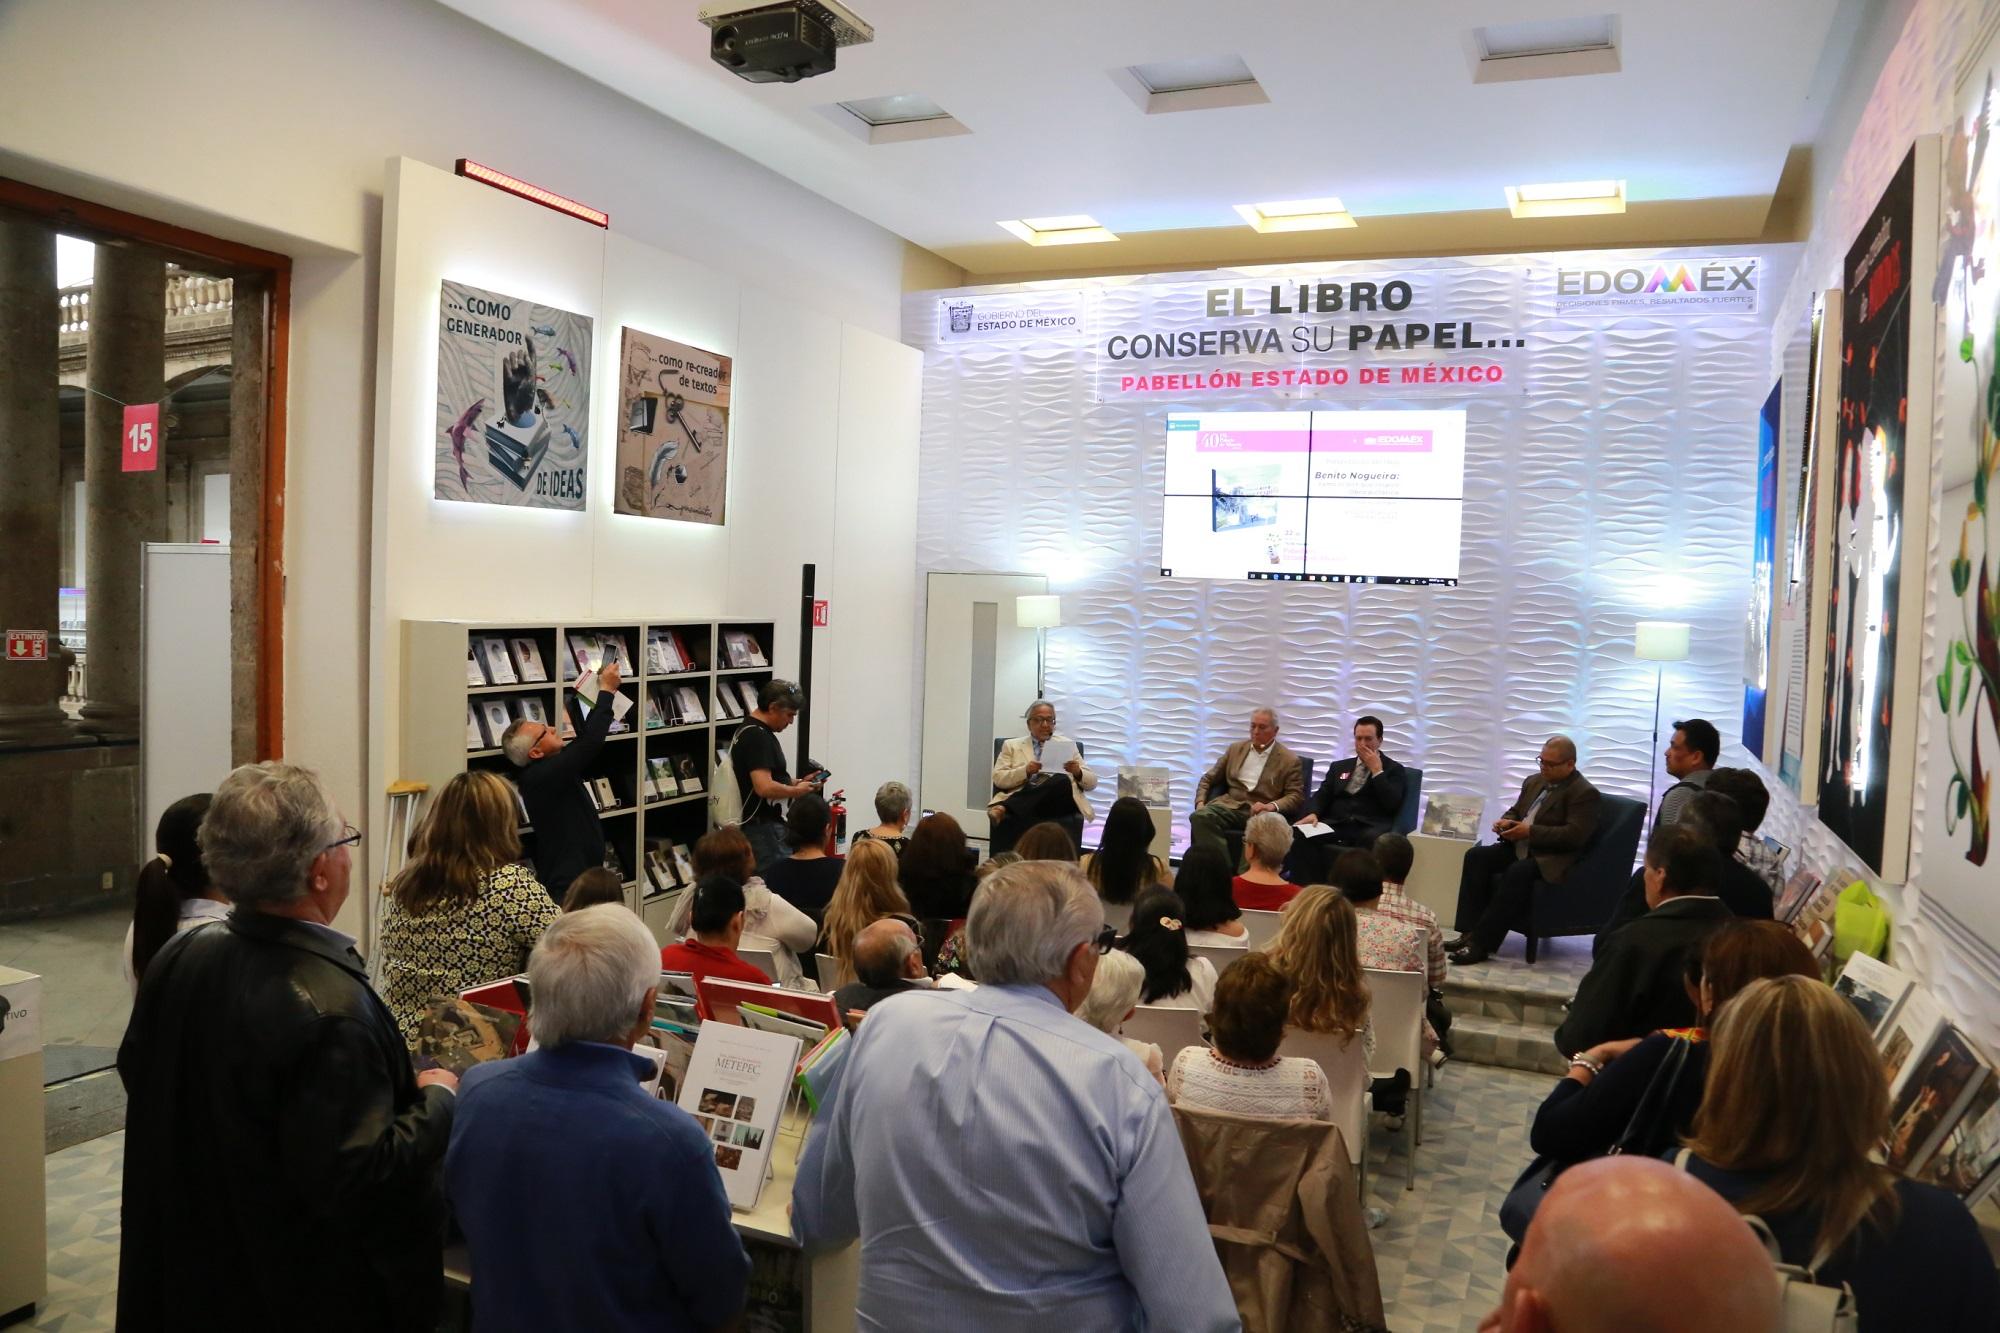 Cuenta Edomex con presencia literaria en la Feria Internacional del Libro del Palacio de Minería